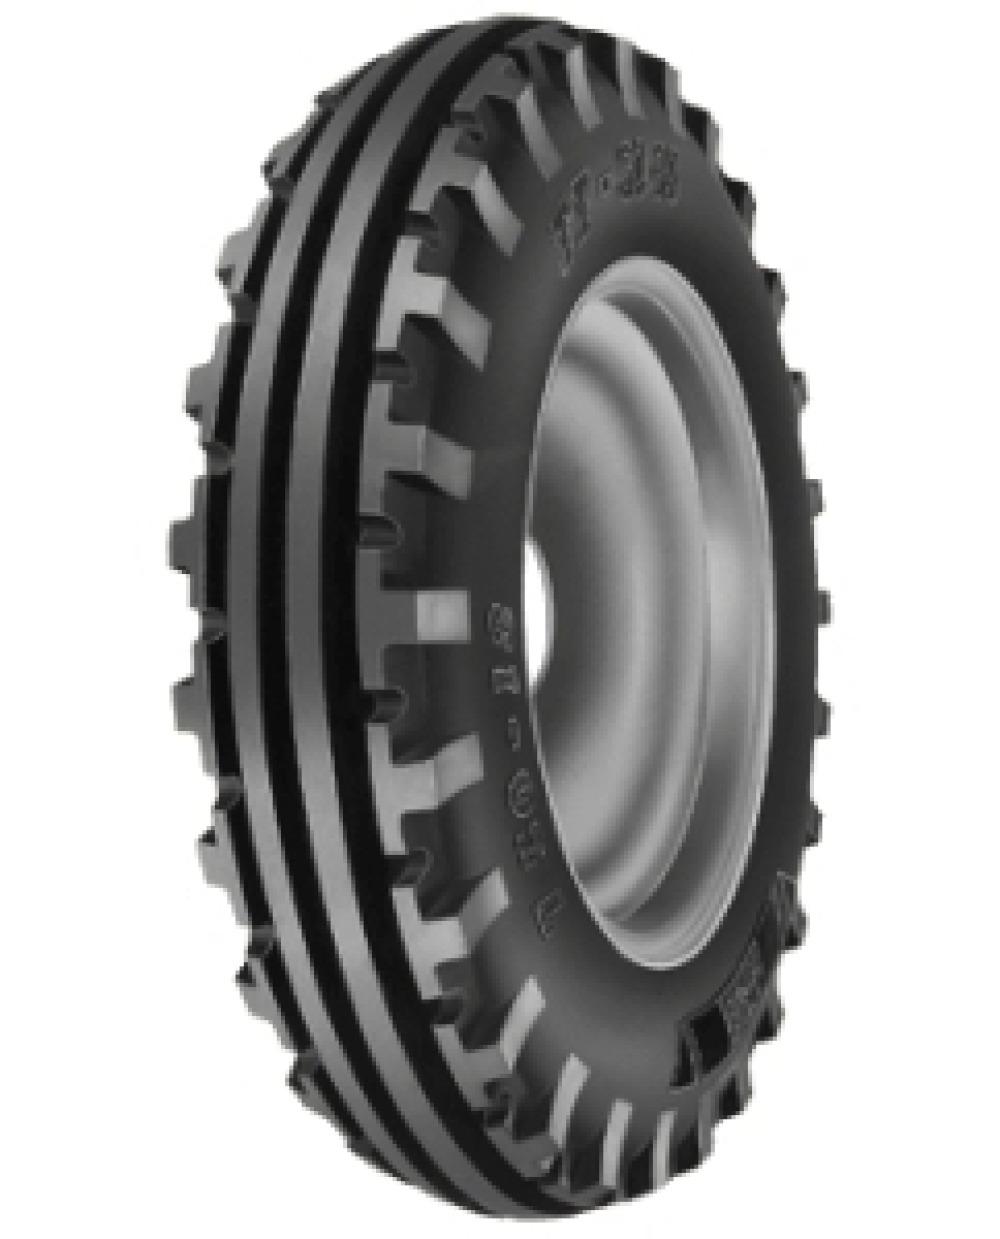 BKT 4,5 - 16 4 PR, 65 A8, TT, TF-8181 ,AS-FRONT Mezőgazdasági és ipari abroncs gumi